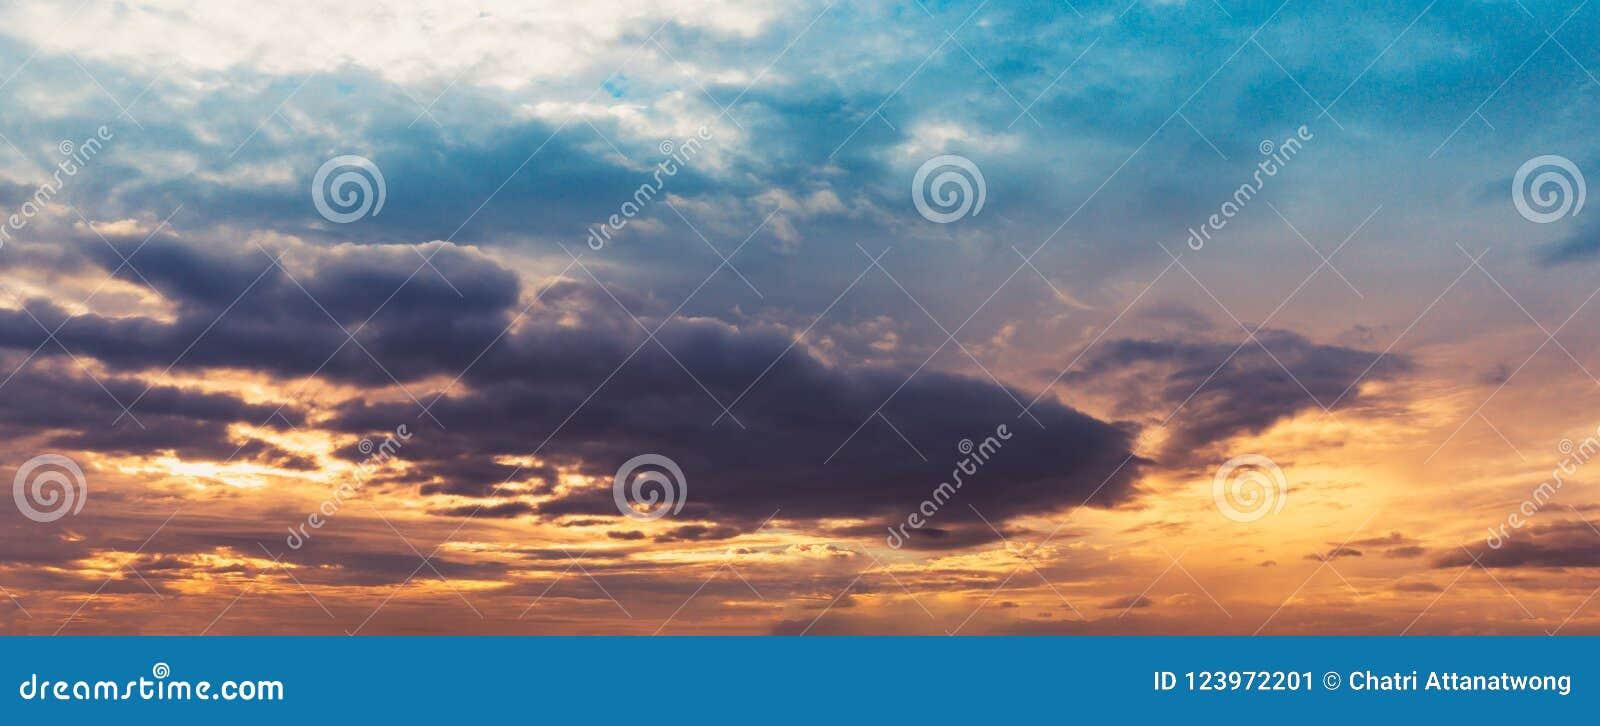 全景暮色天空和云彩蛤蜊音色